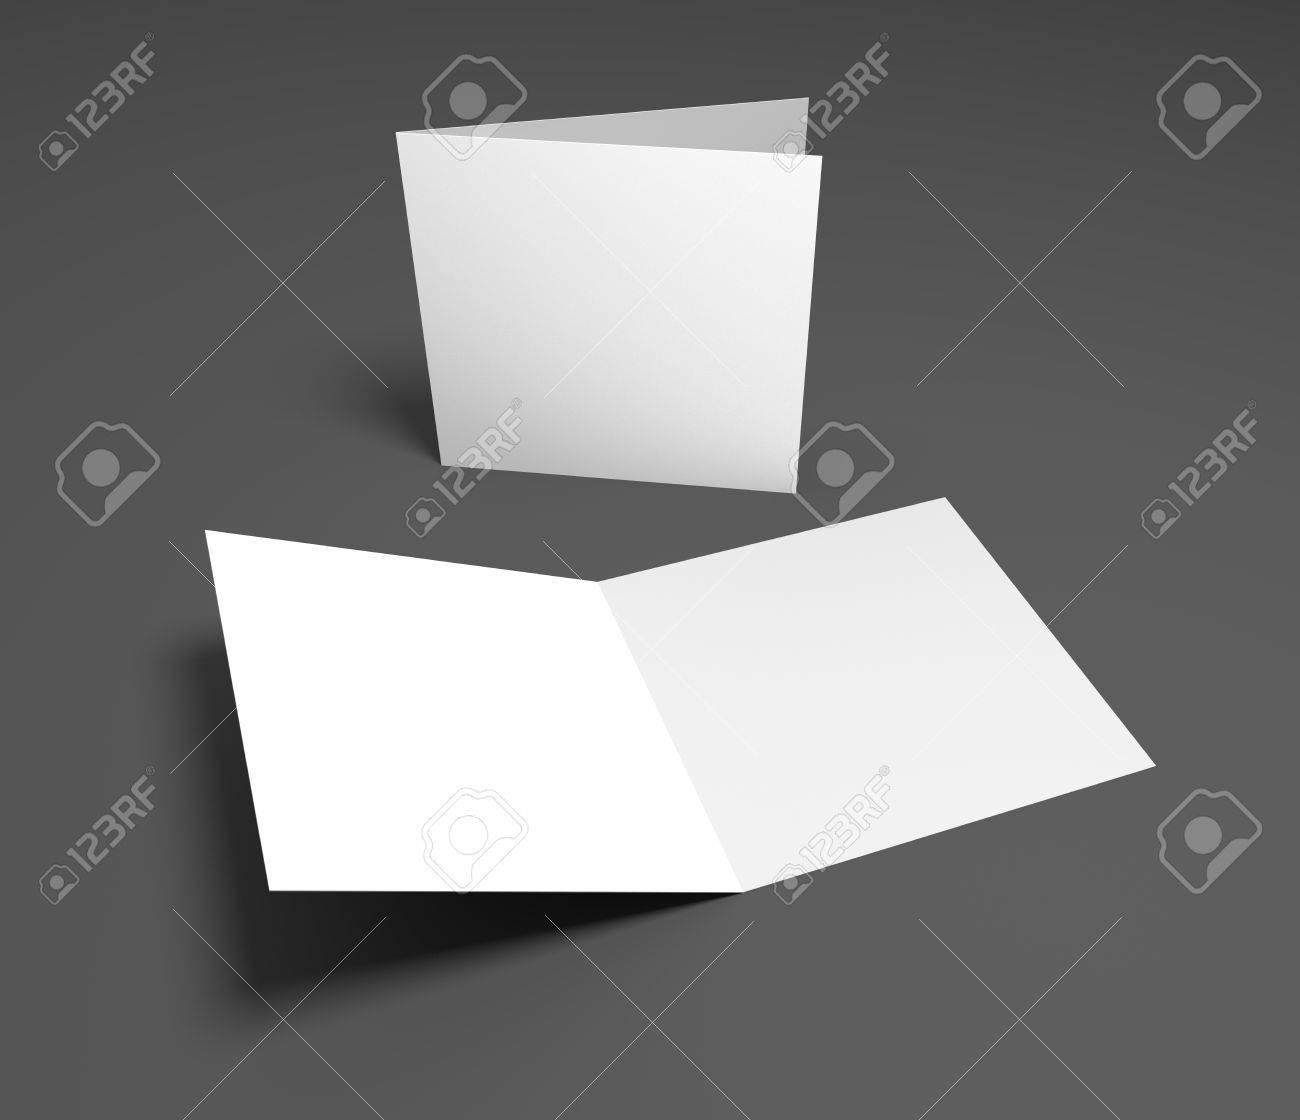 Blank Öffnung Platz Zwei-Blatt Grußkarte Oder Broschüre Auf Grau ...